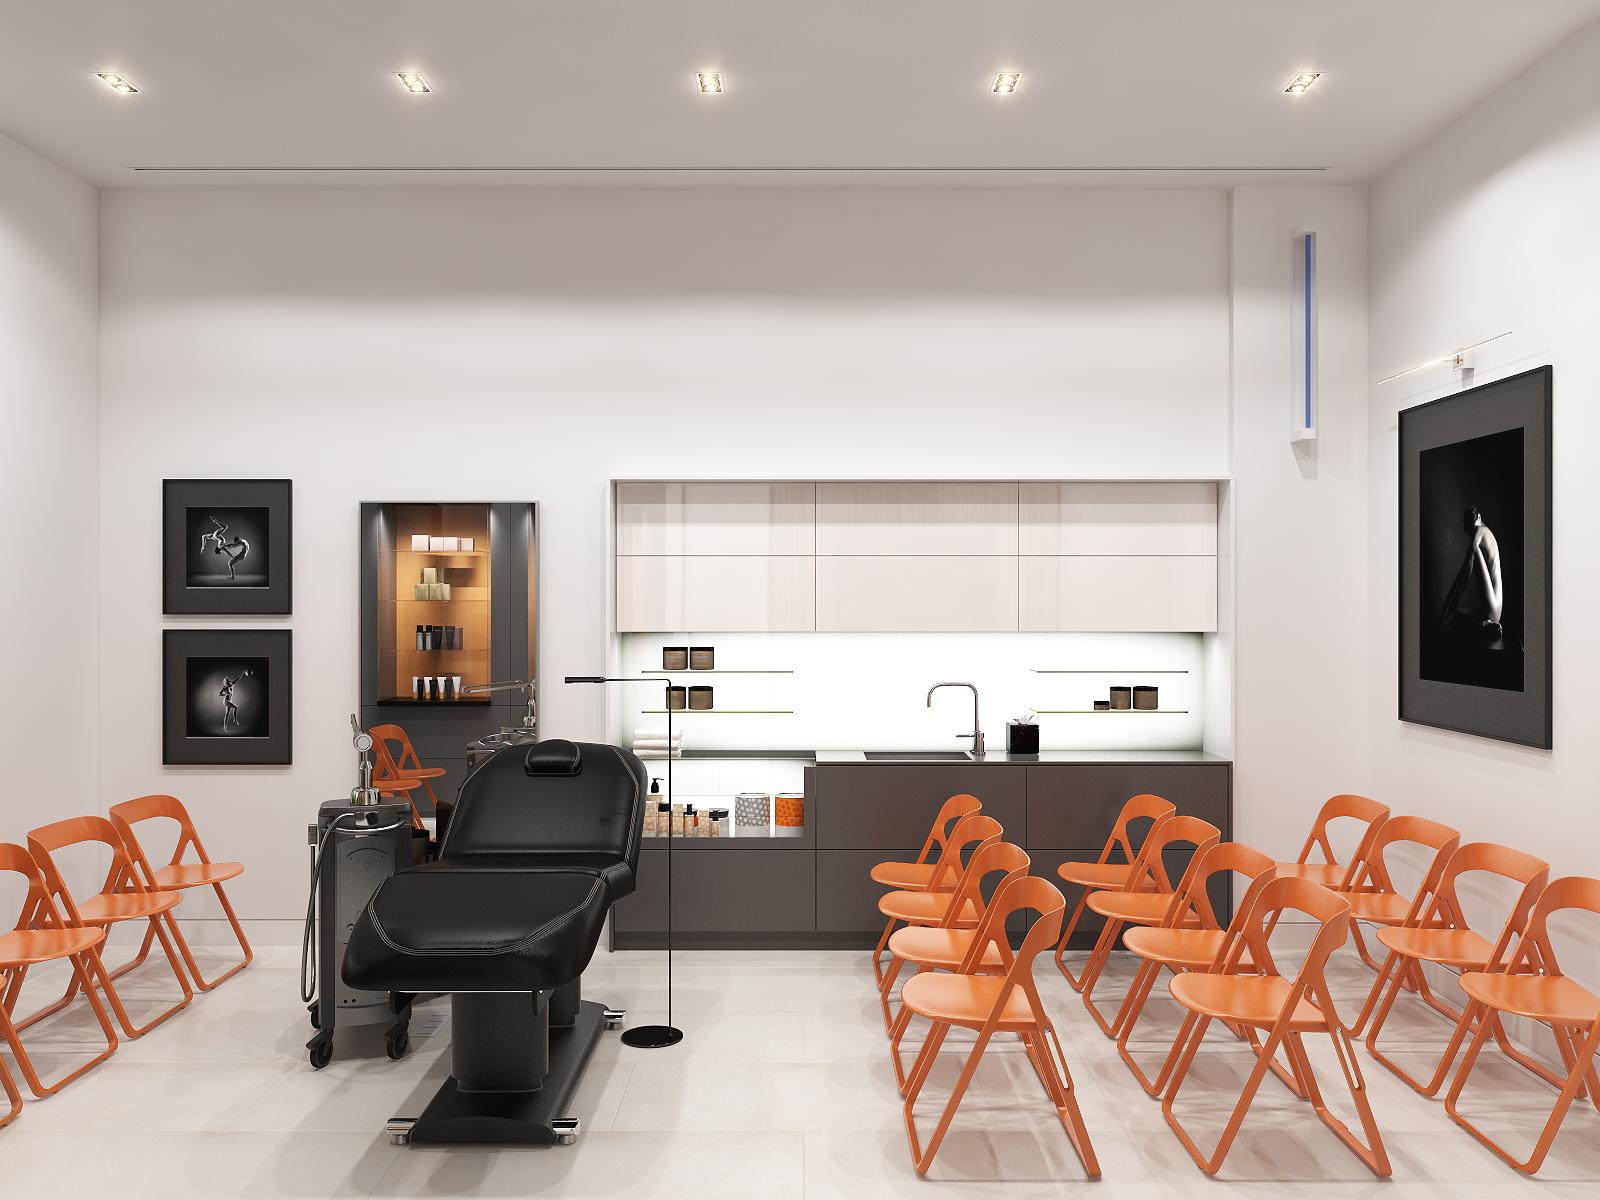 Дизайн интерьера косметического салона от студии Nataly Bolshakova дизайн интерьера косметического салона Дизайн интерьера косметического салона от студии Nataly Bolshakova                                                                                               Nataly Bolshakova 2